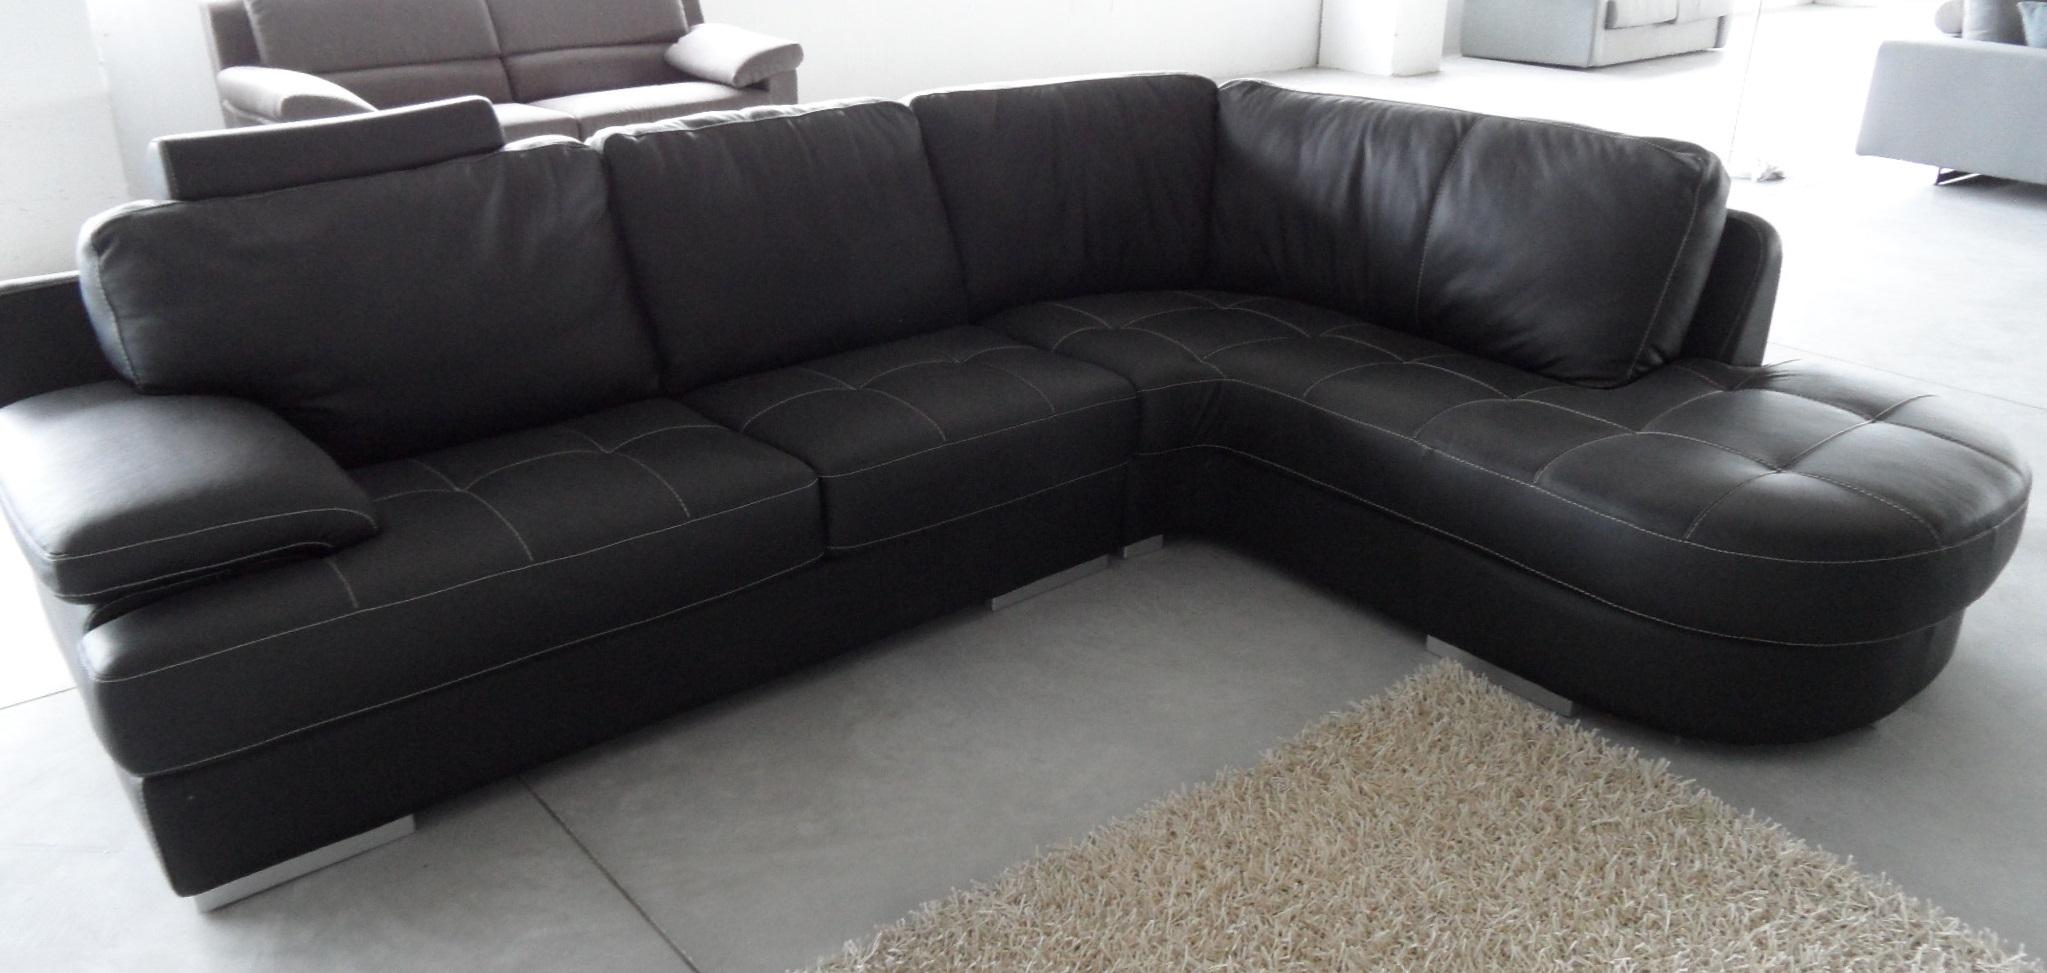 Divano angolare kermes scontato del 50 divani a prezzi scontati - Divano in pelle nero ...